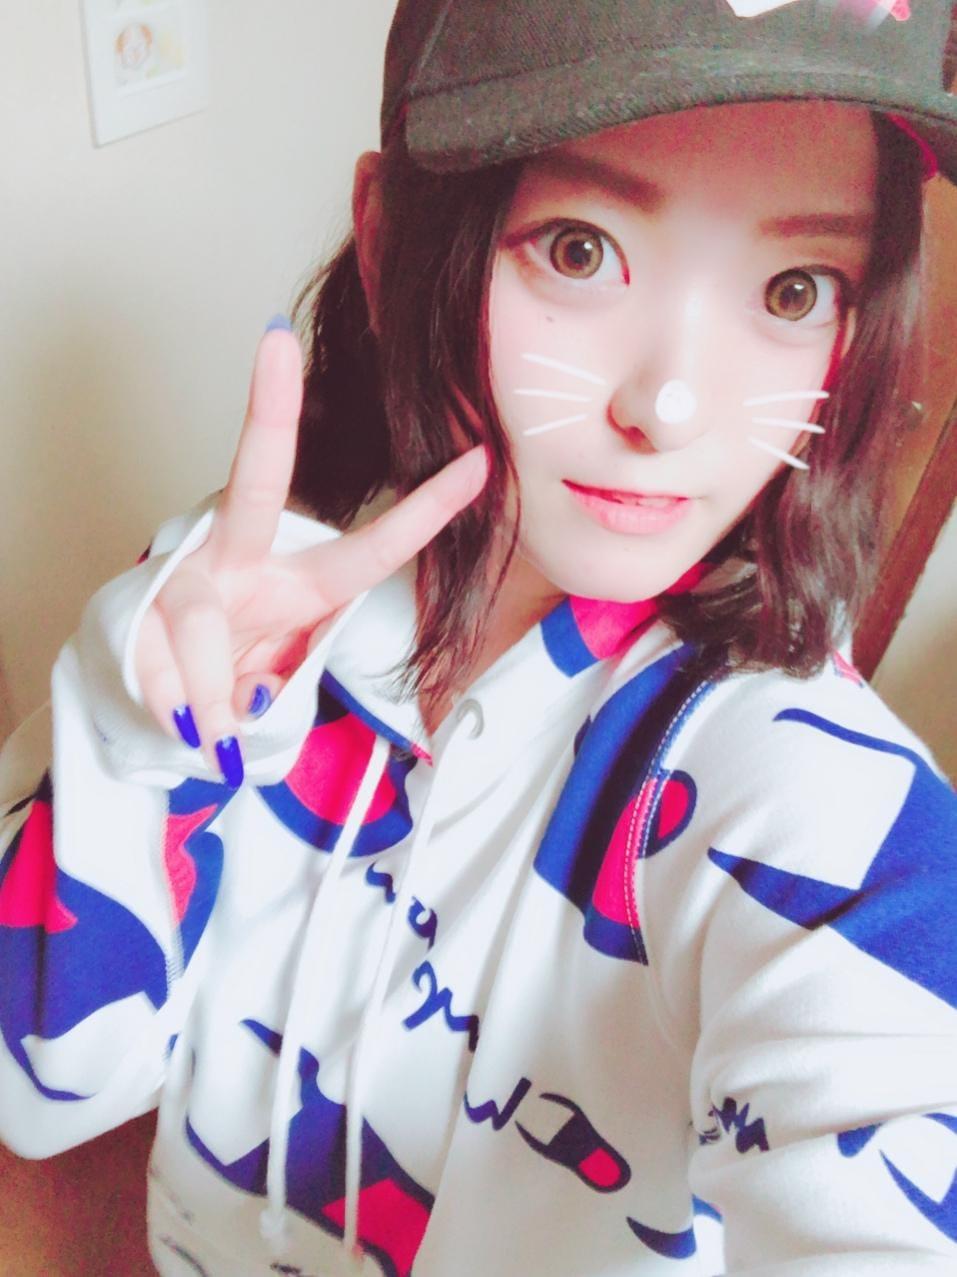 「おはよー♡」09/22(09/22) 19:08 | りおの写メ・風俗動画